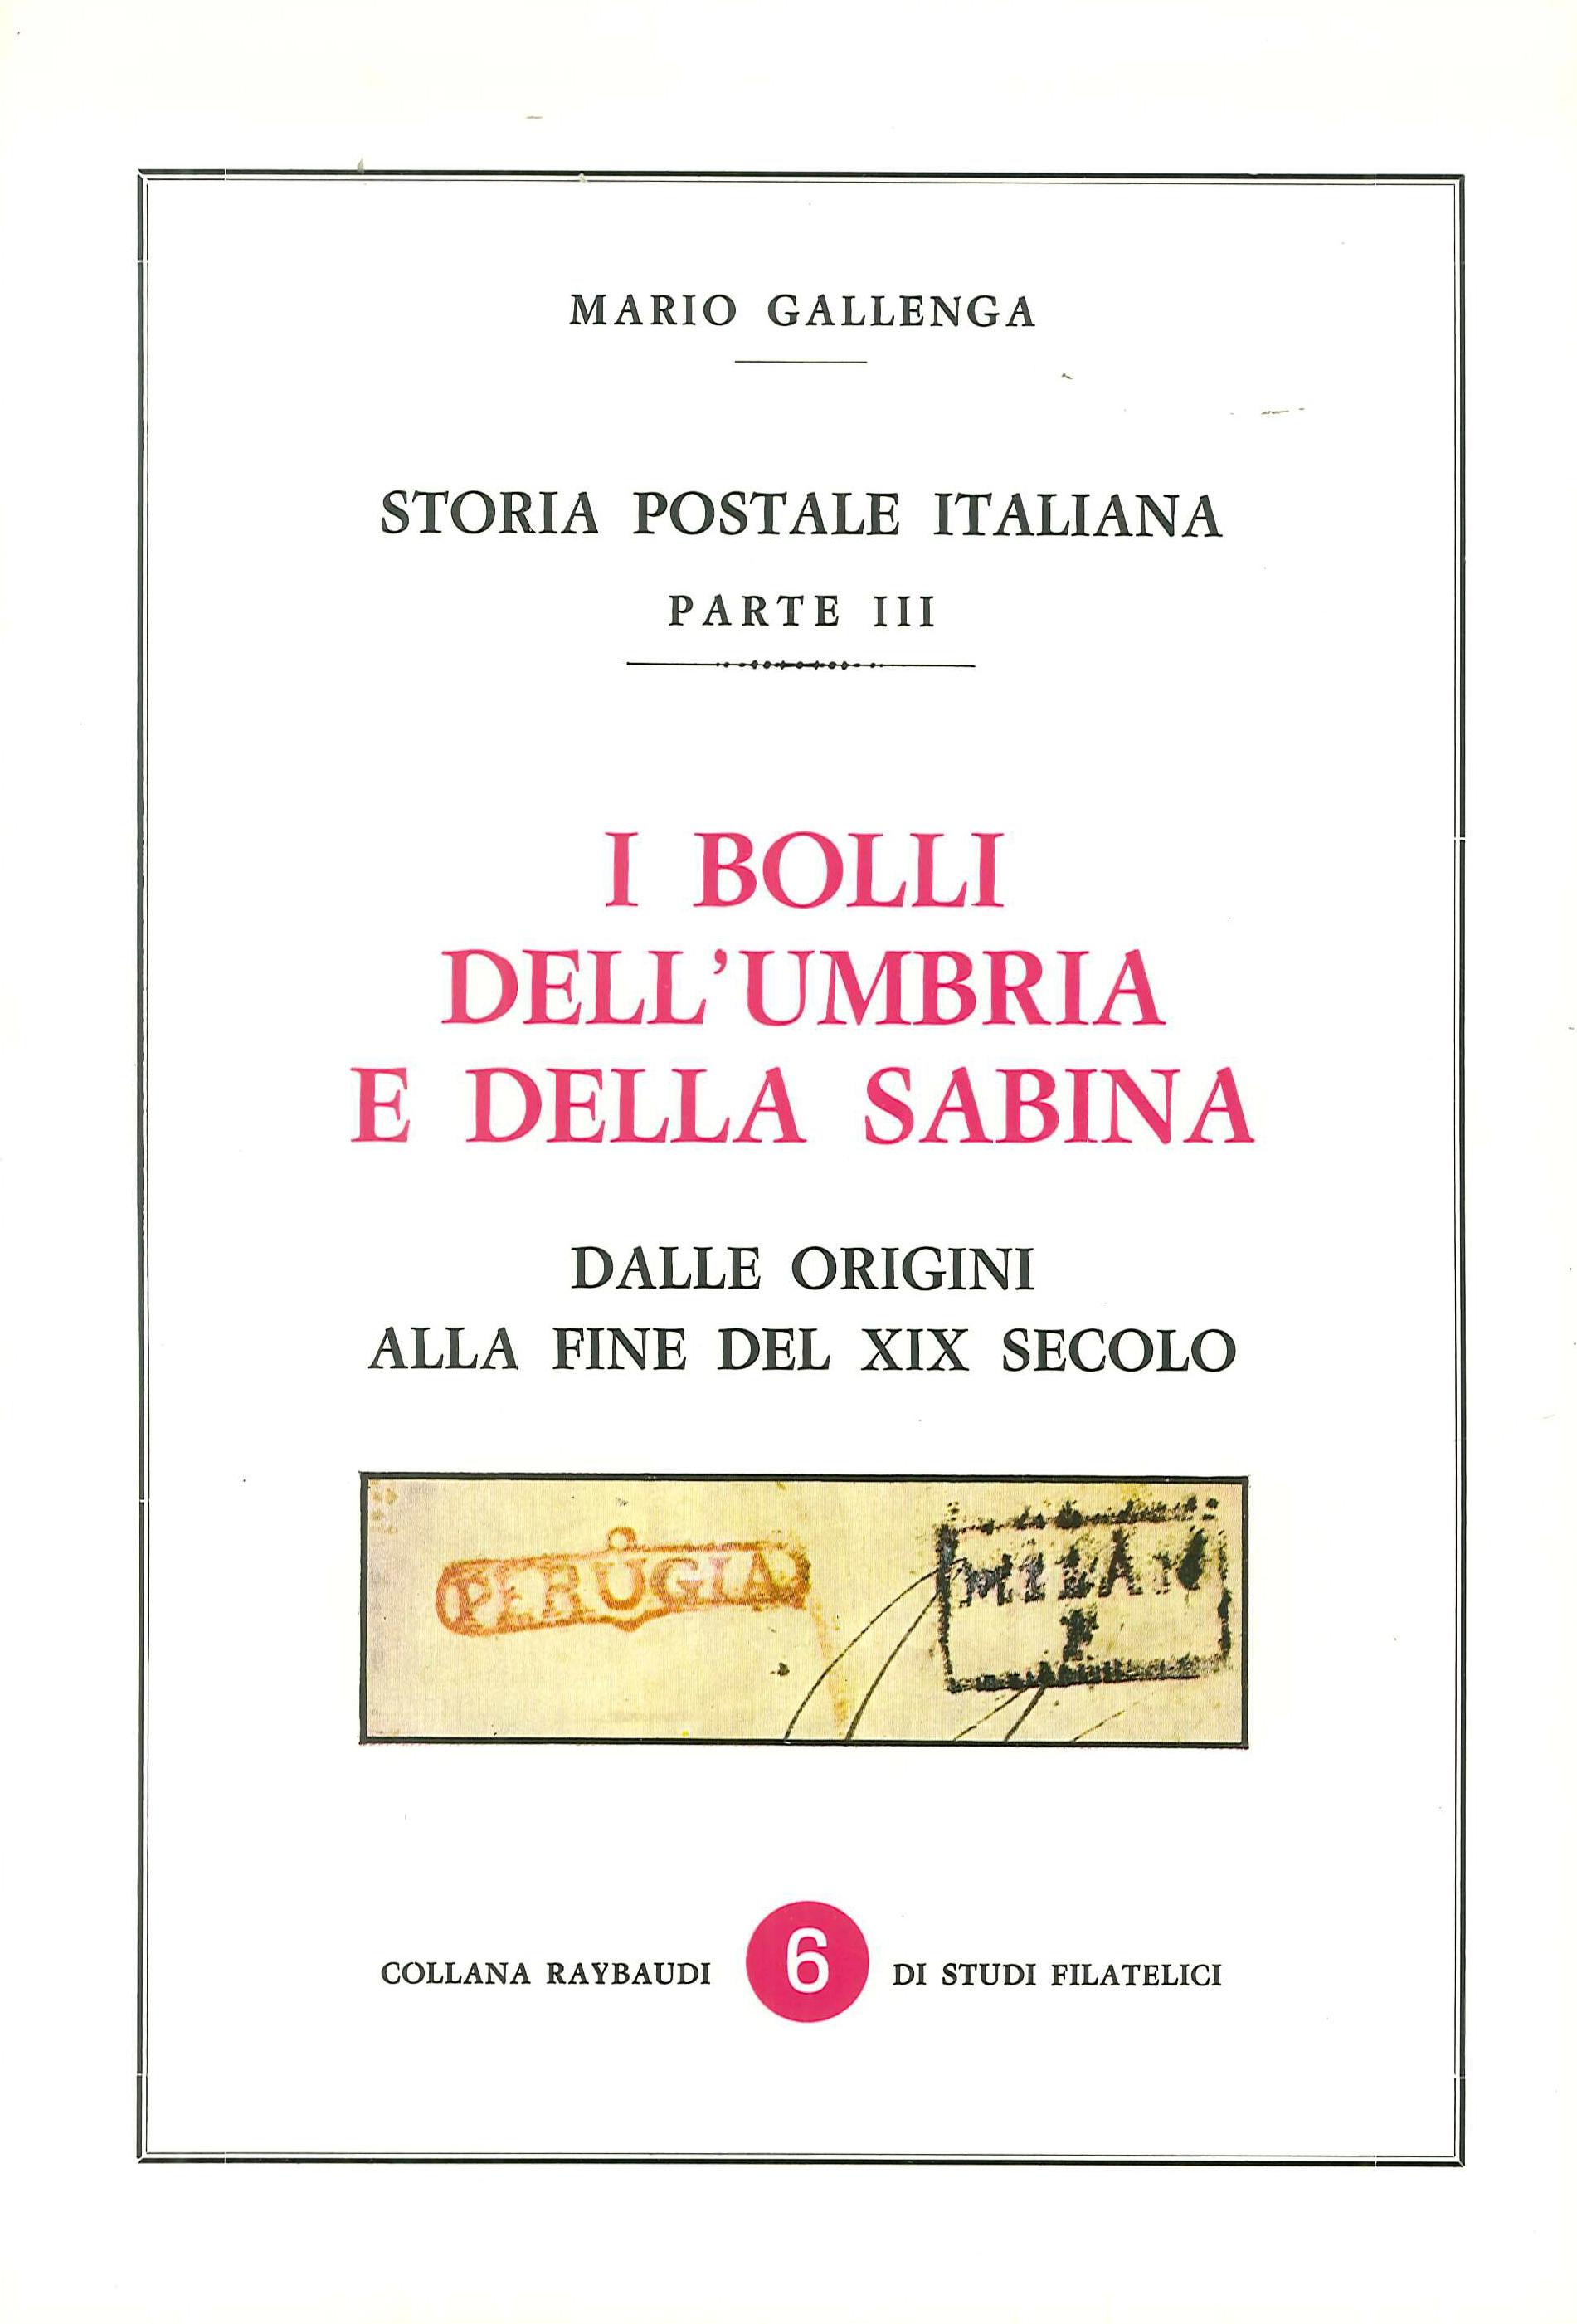 I Bolli Dell'Umbria e della Sabina. Dalle origini alla fine del XIX secolo.